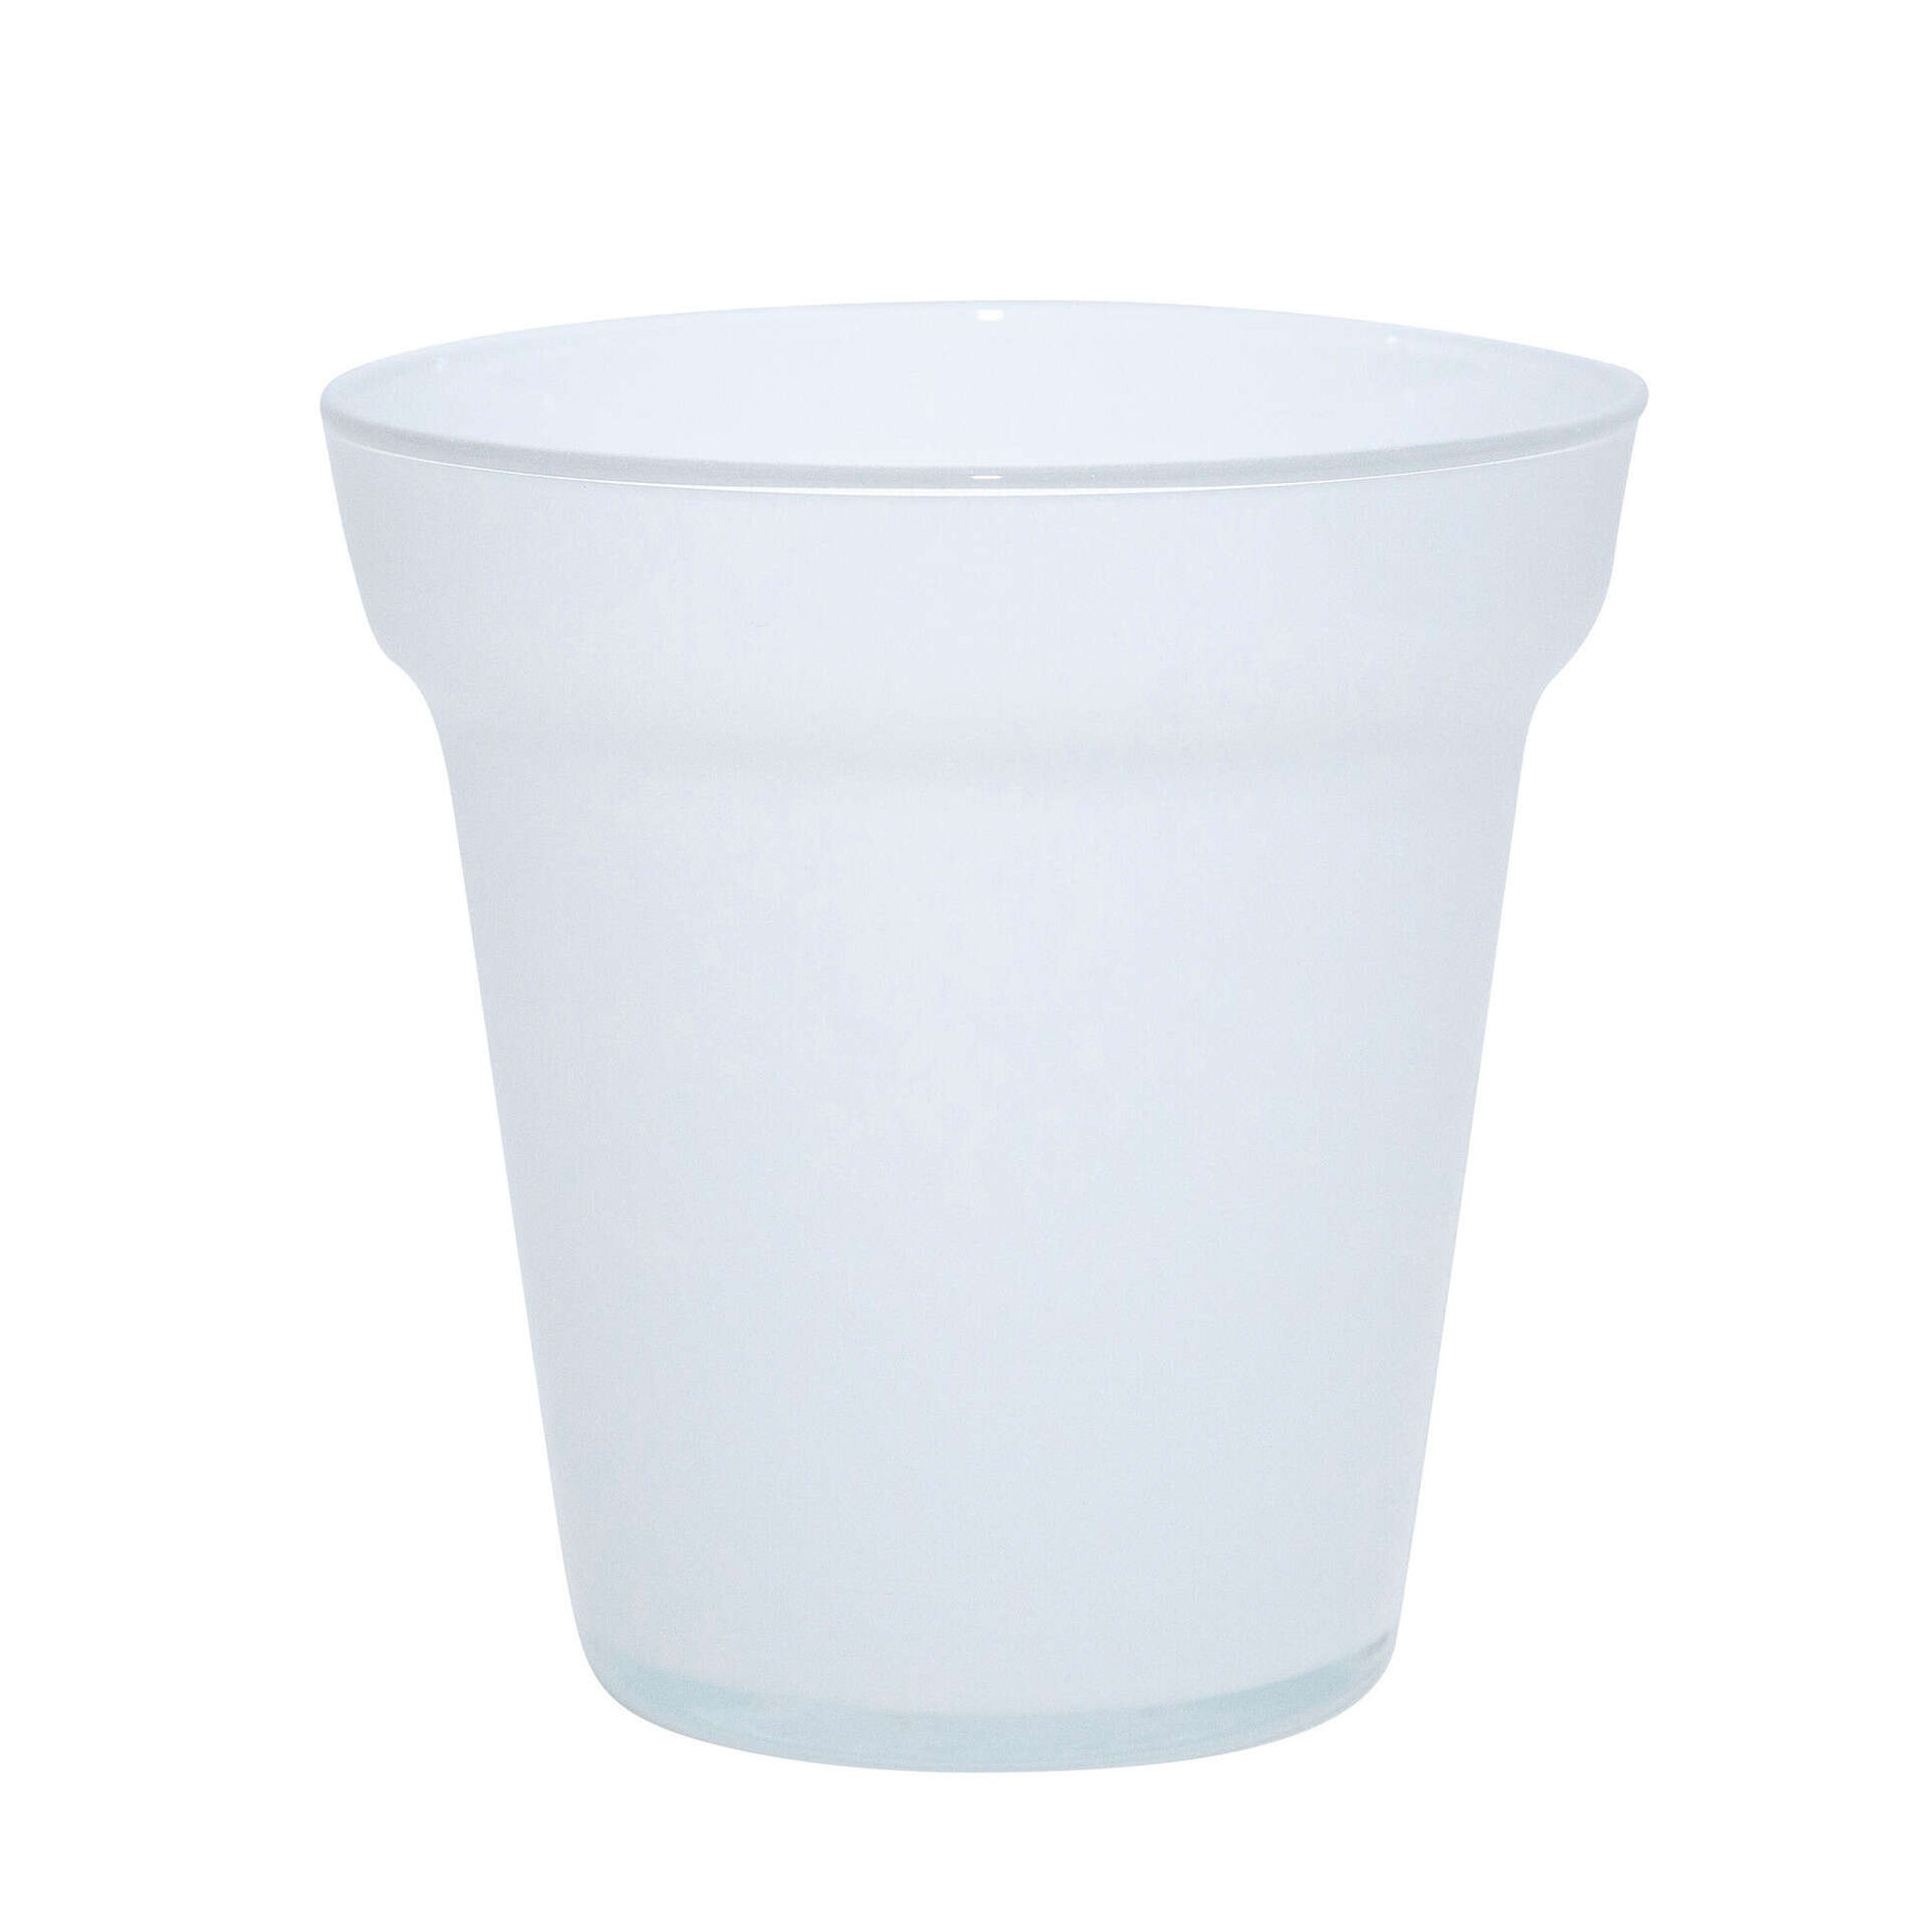 Vaso Redondo Vidro Tobago 27cm Branco